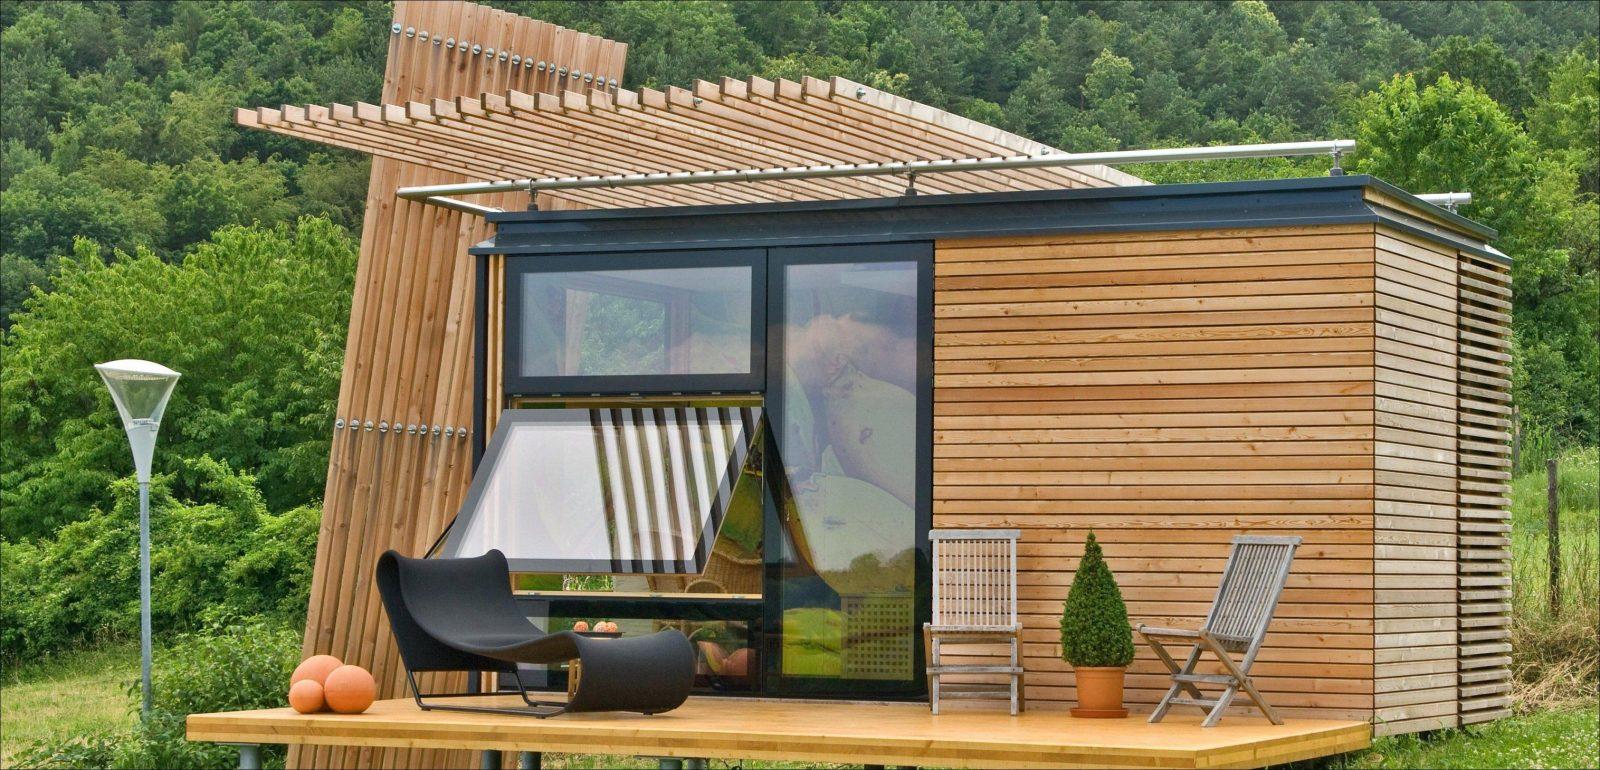 Gartenhaus Selber Bauen Video Innenarchitektur Gehalt Schweiz von Gartenhaus Selber Bauen Video Photo